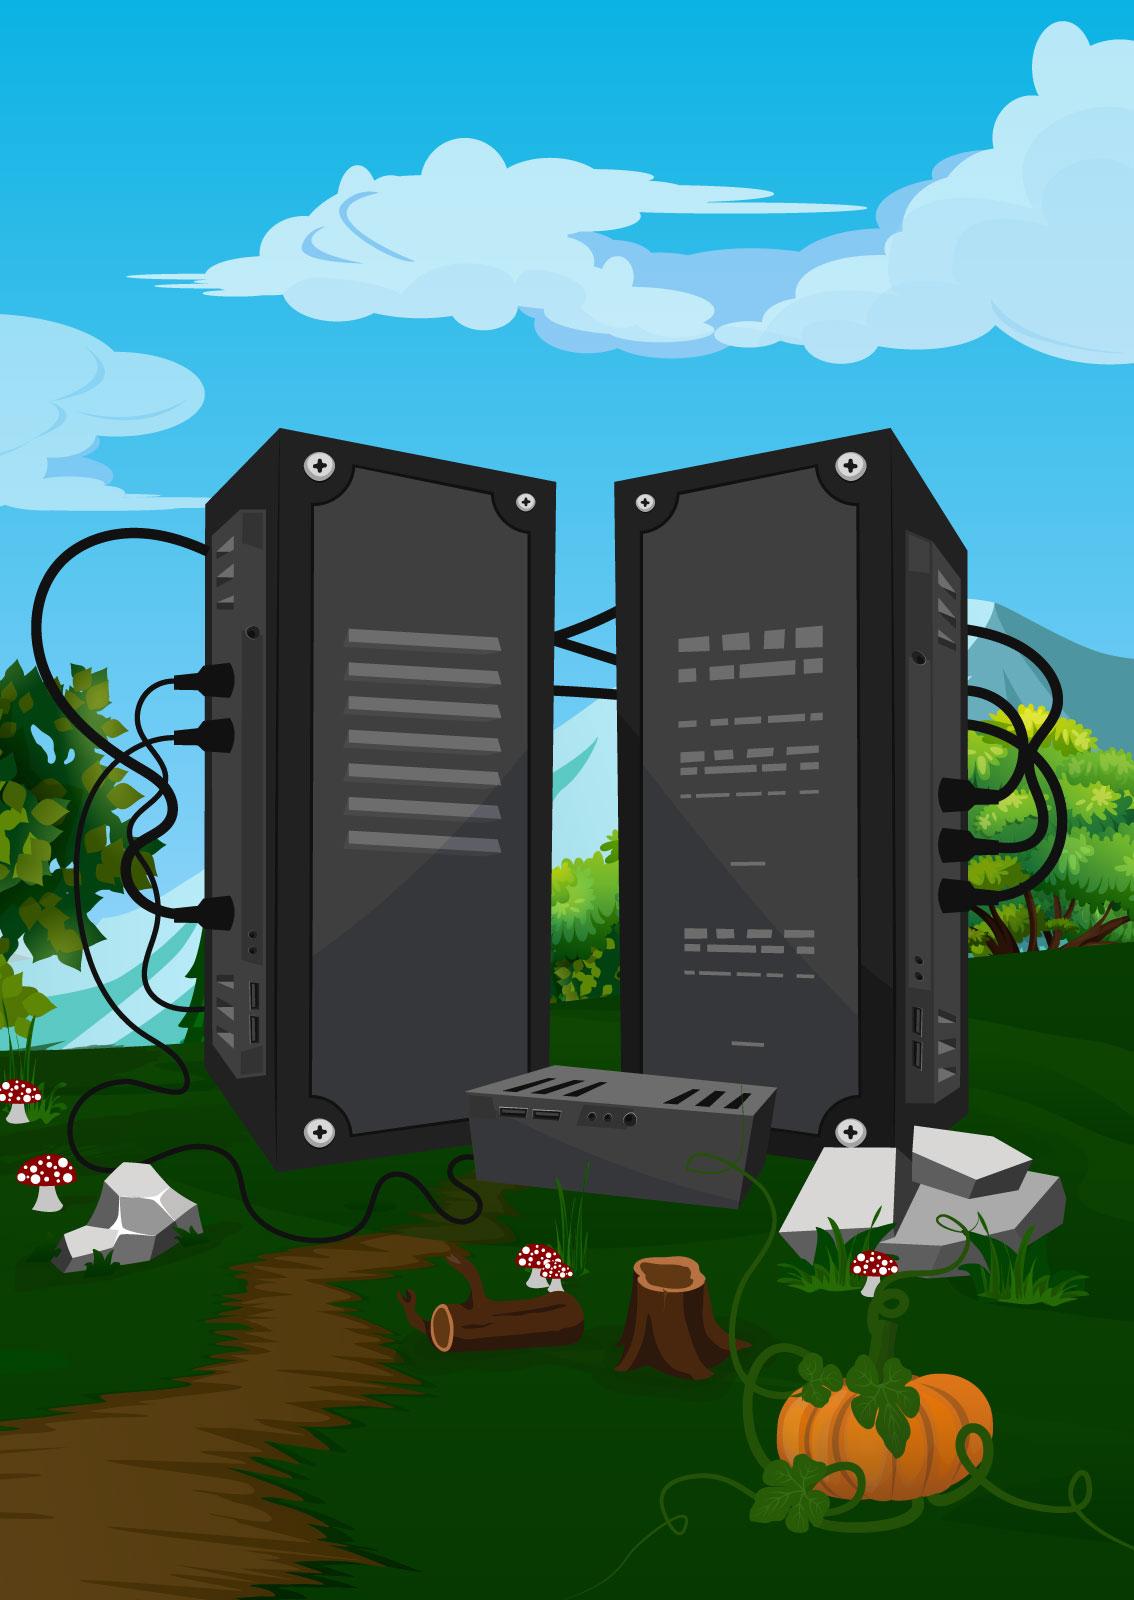 Ilustracija: Ogromni serveri koji se nalaze u digitalnoj šumi